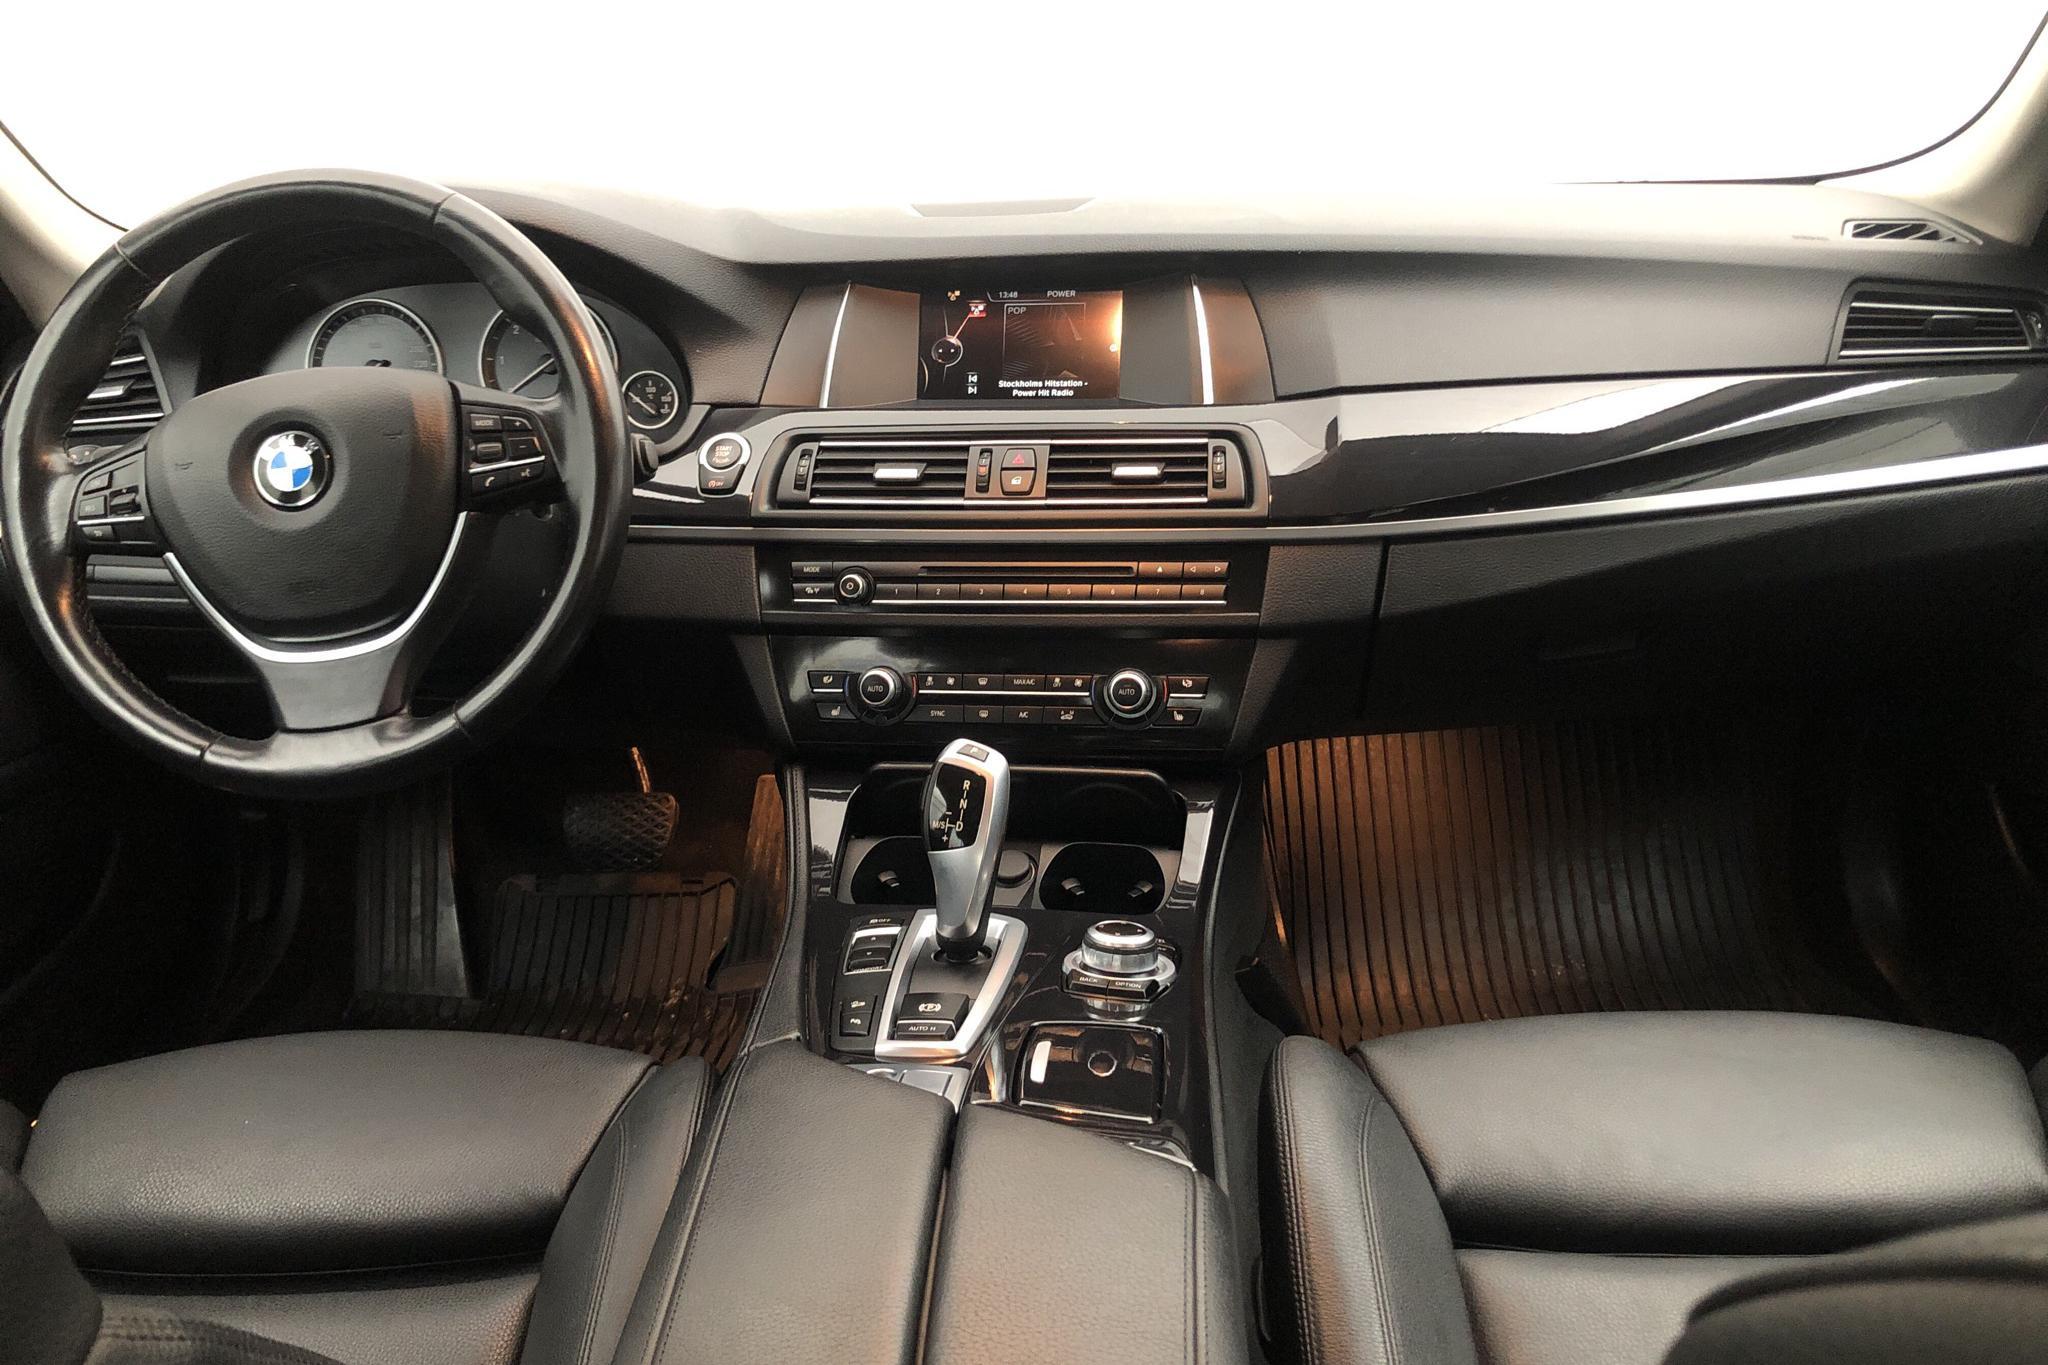 BMW 520d xDrive Sedan, F10 (190hk) - 4 836 mil - Automat - grå - 2016